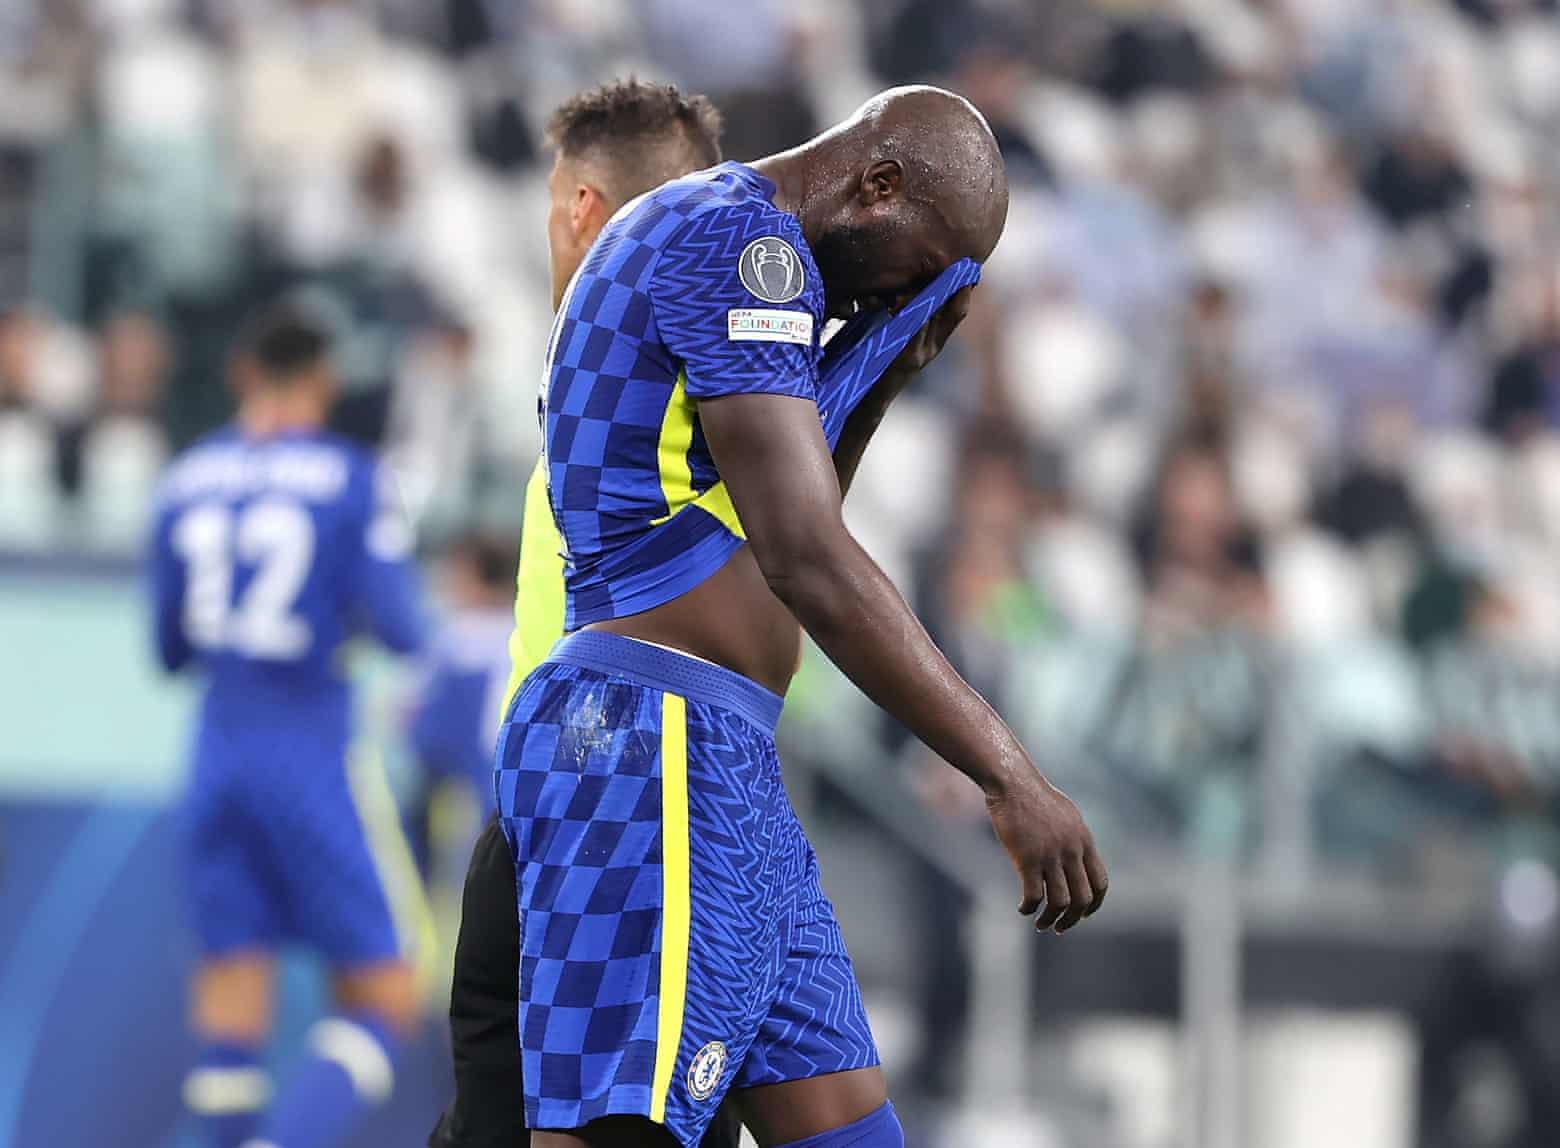 Vẻ thất vọng và bất lực của Lukaku là minh chứng cho thành công trong chiến thuật phòng ngự mà Allegri áp dụng cho Juventus khi tiếp Chelsea hôm 29/9. Ảnh: PA